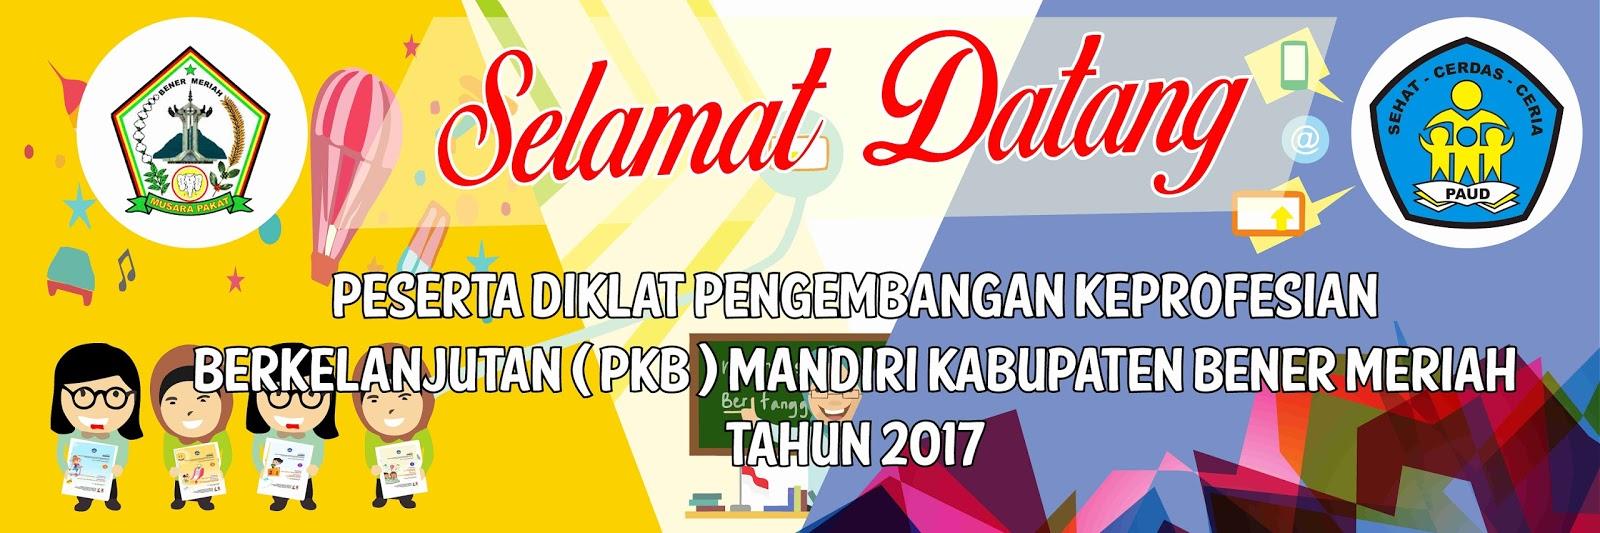 Contoh Desain Banner Seminar Pkb Taman Kanak Kanak Bmcorel